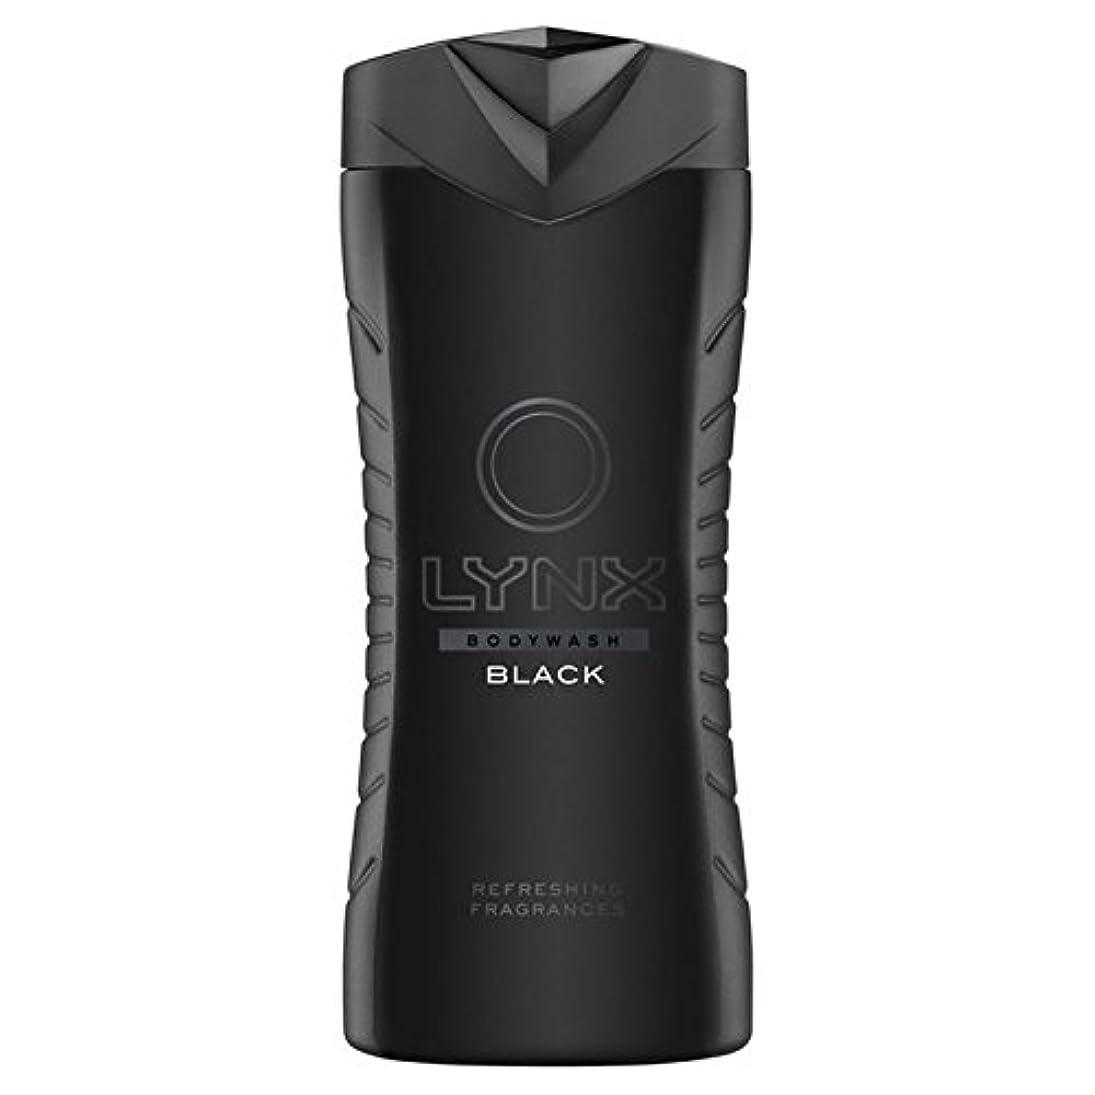 ガラガラシンク消去オオヤマネコブラックシャワージェル400ミリリットル x2 - Lynx Black Shower Gel 400ml (Pack of 2) [並行輸入品]